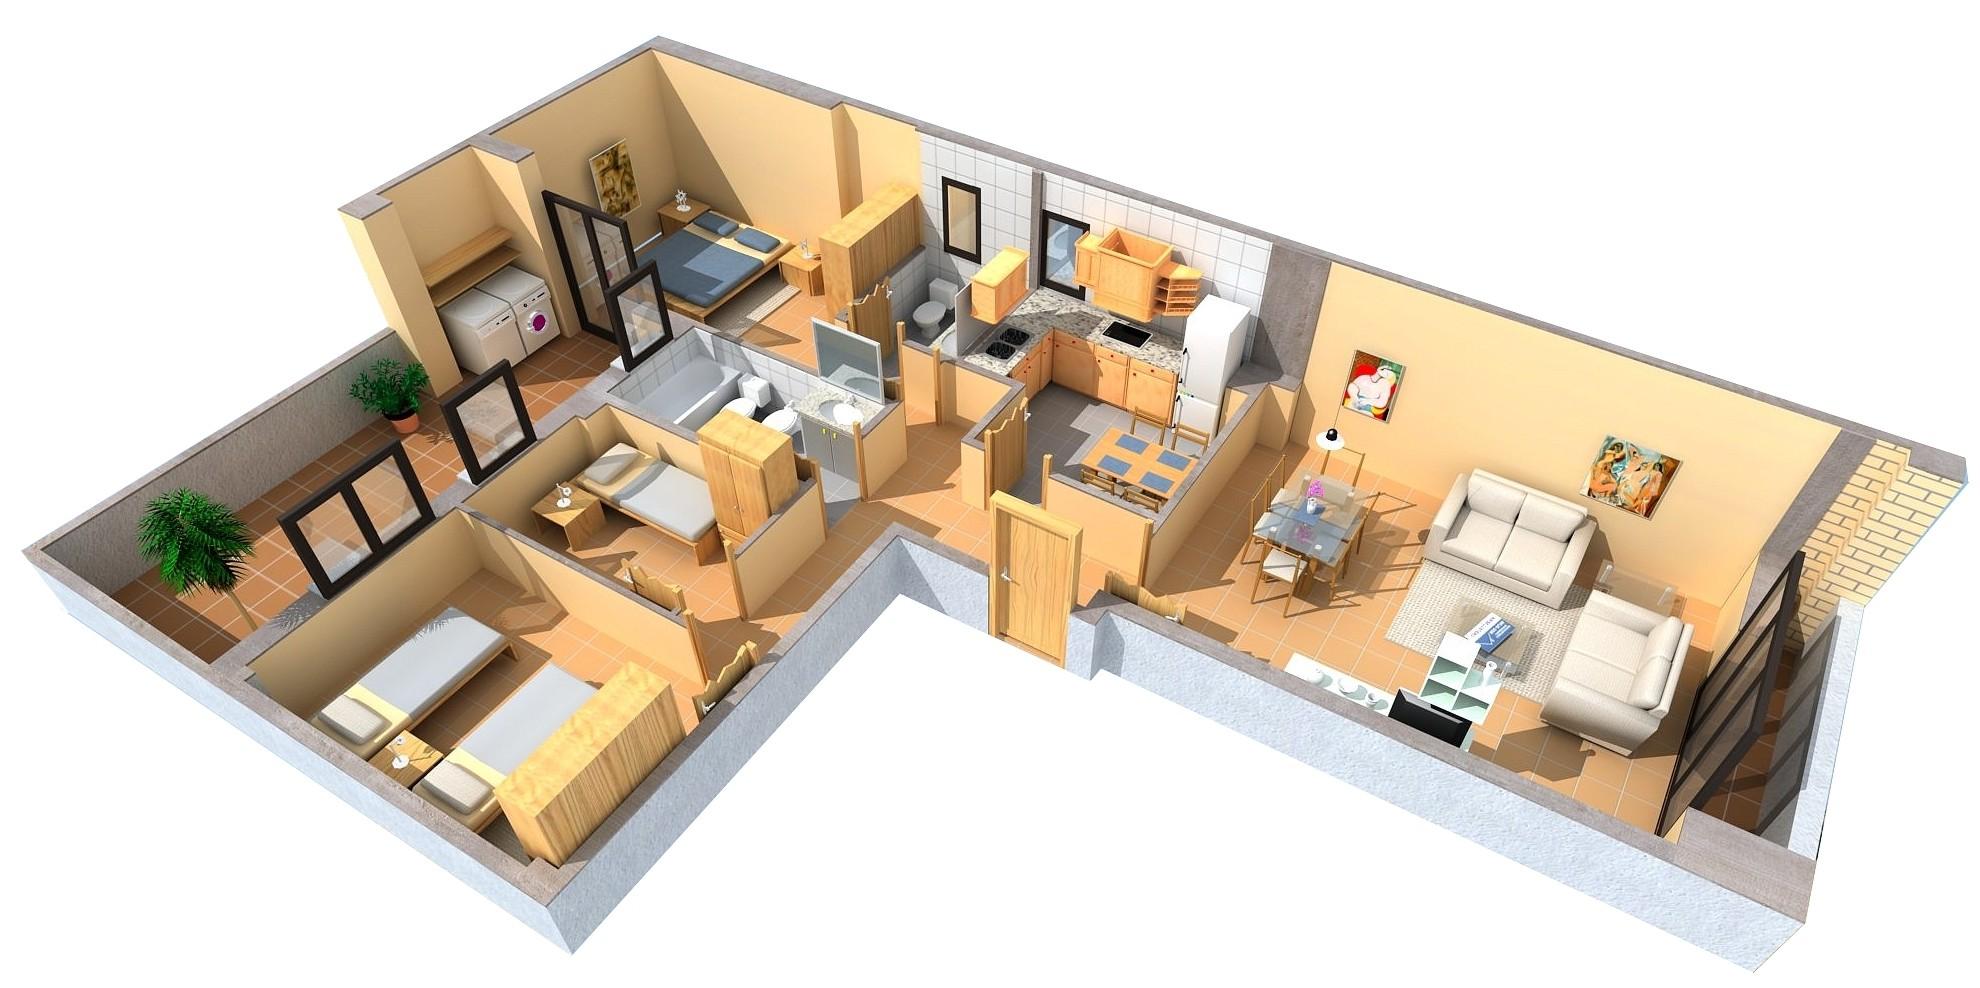 Sobre planos 3d for Habitaciones 3d gratis